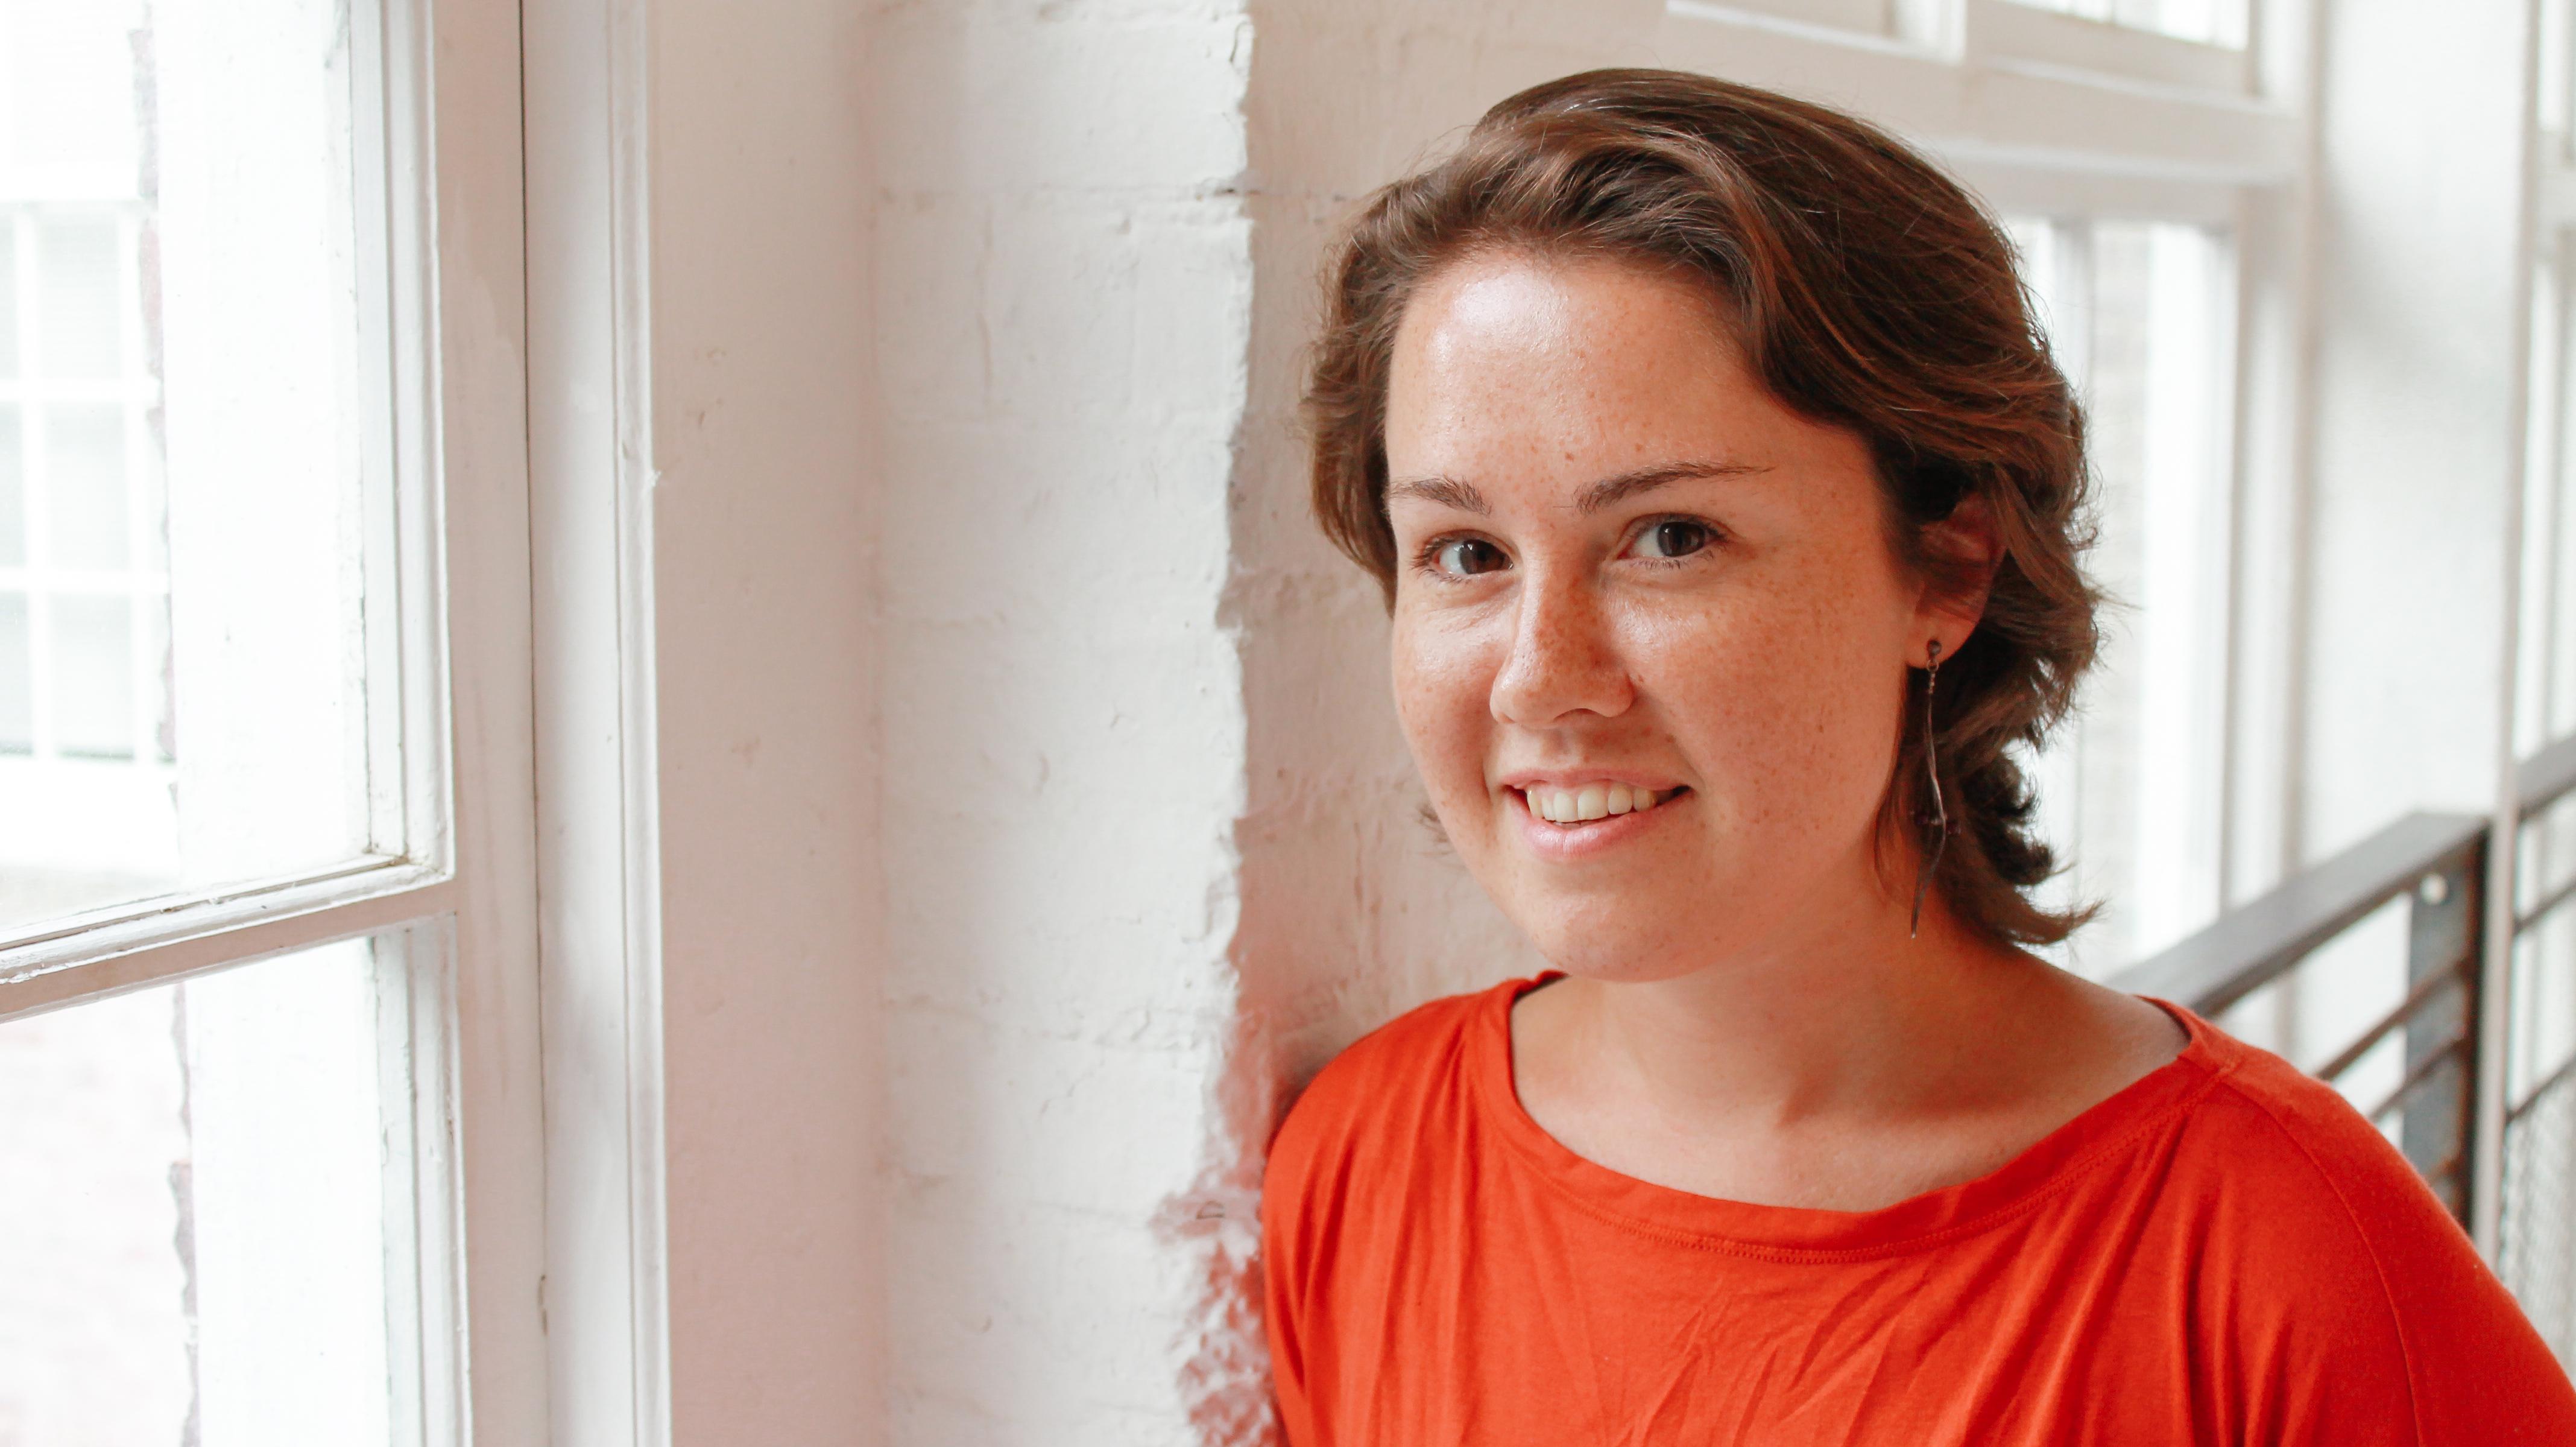 Caroline Shaw - Alchetron, The Free Social Encyclopedia